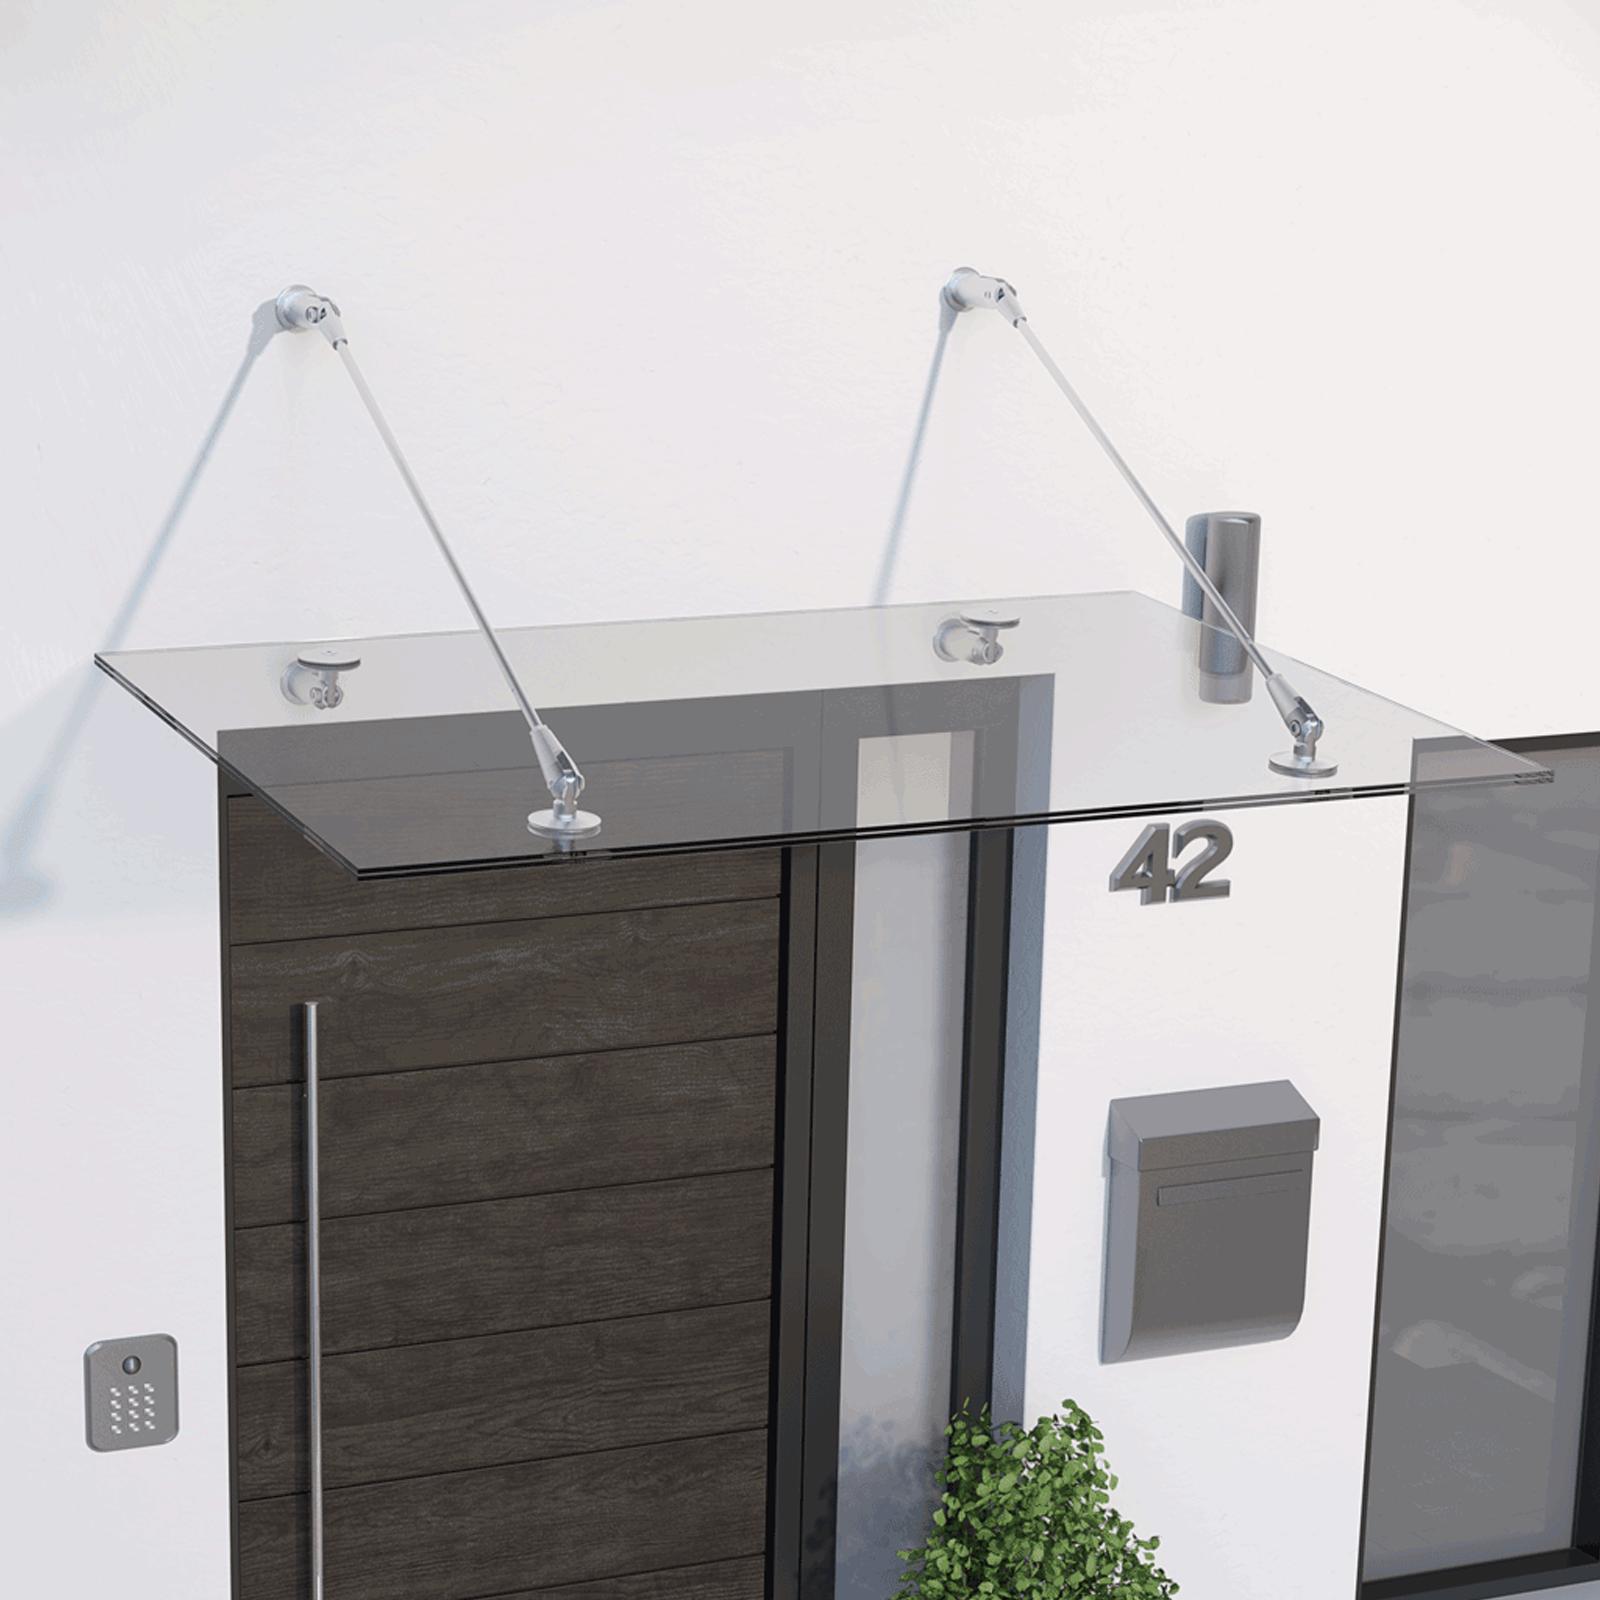 glasline davita pultvordach 1400x900 mm schiebet ren profi. Black Bedroom Furniture Sets. Home Design Ideas